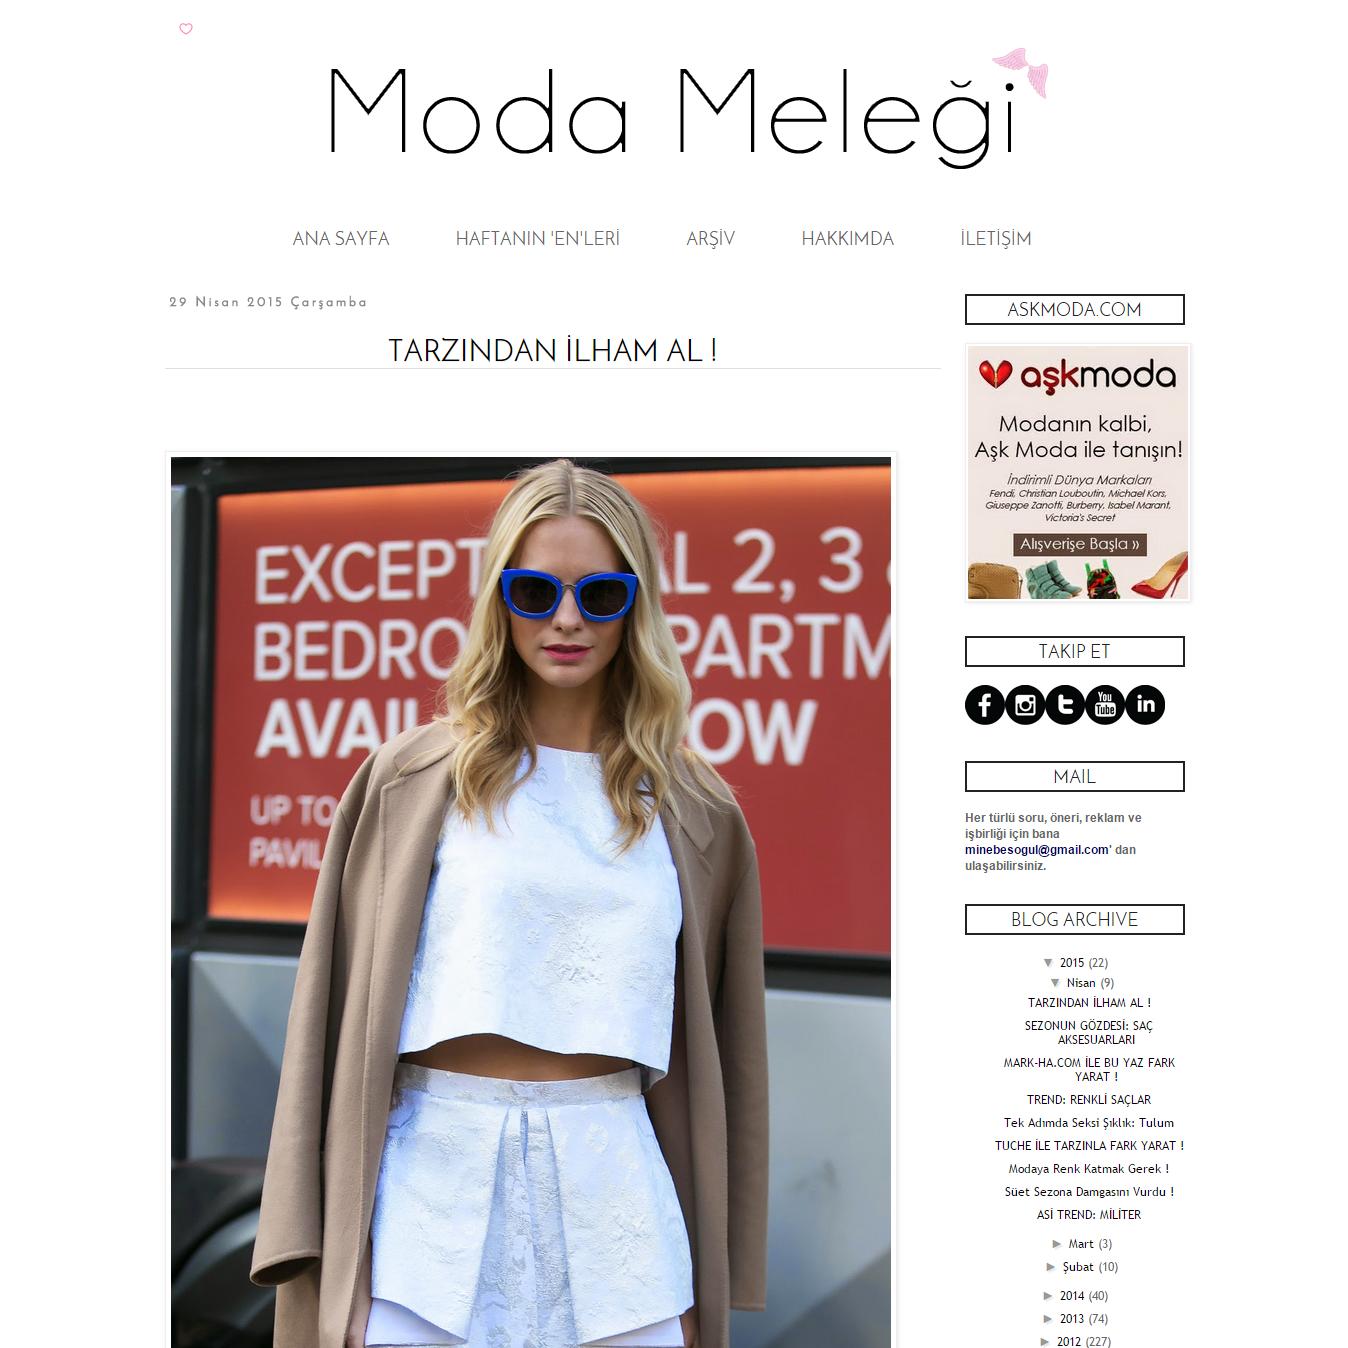 moda blog tasarımı, blogger tasarım, blogger tasarımı ücretsiz